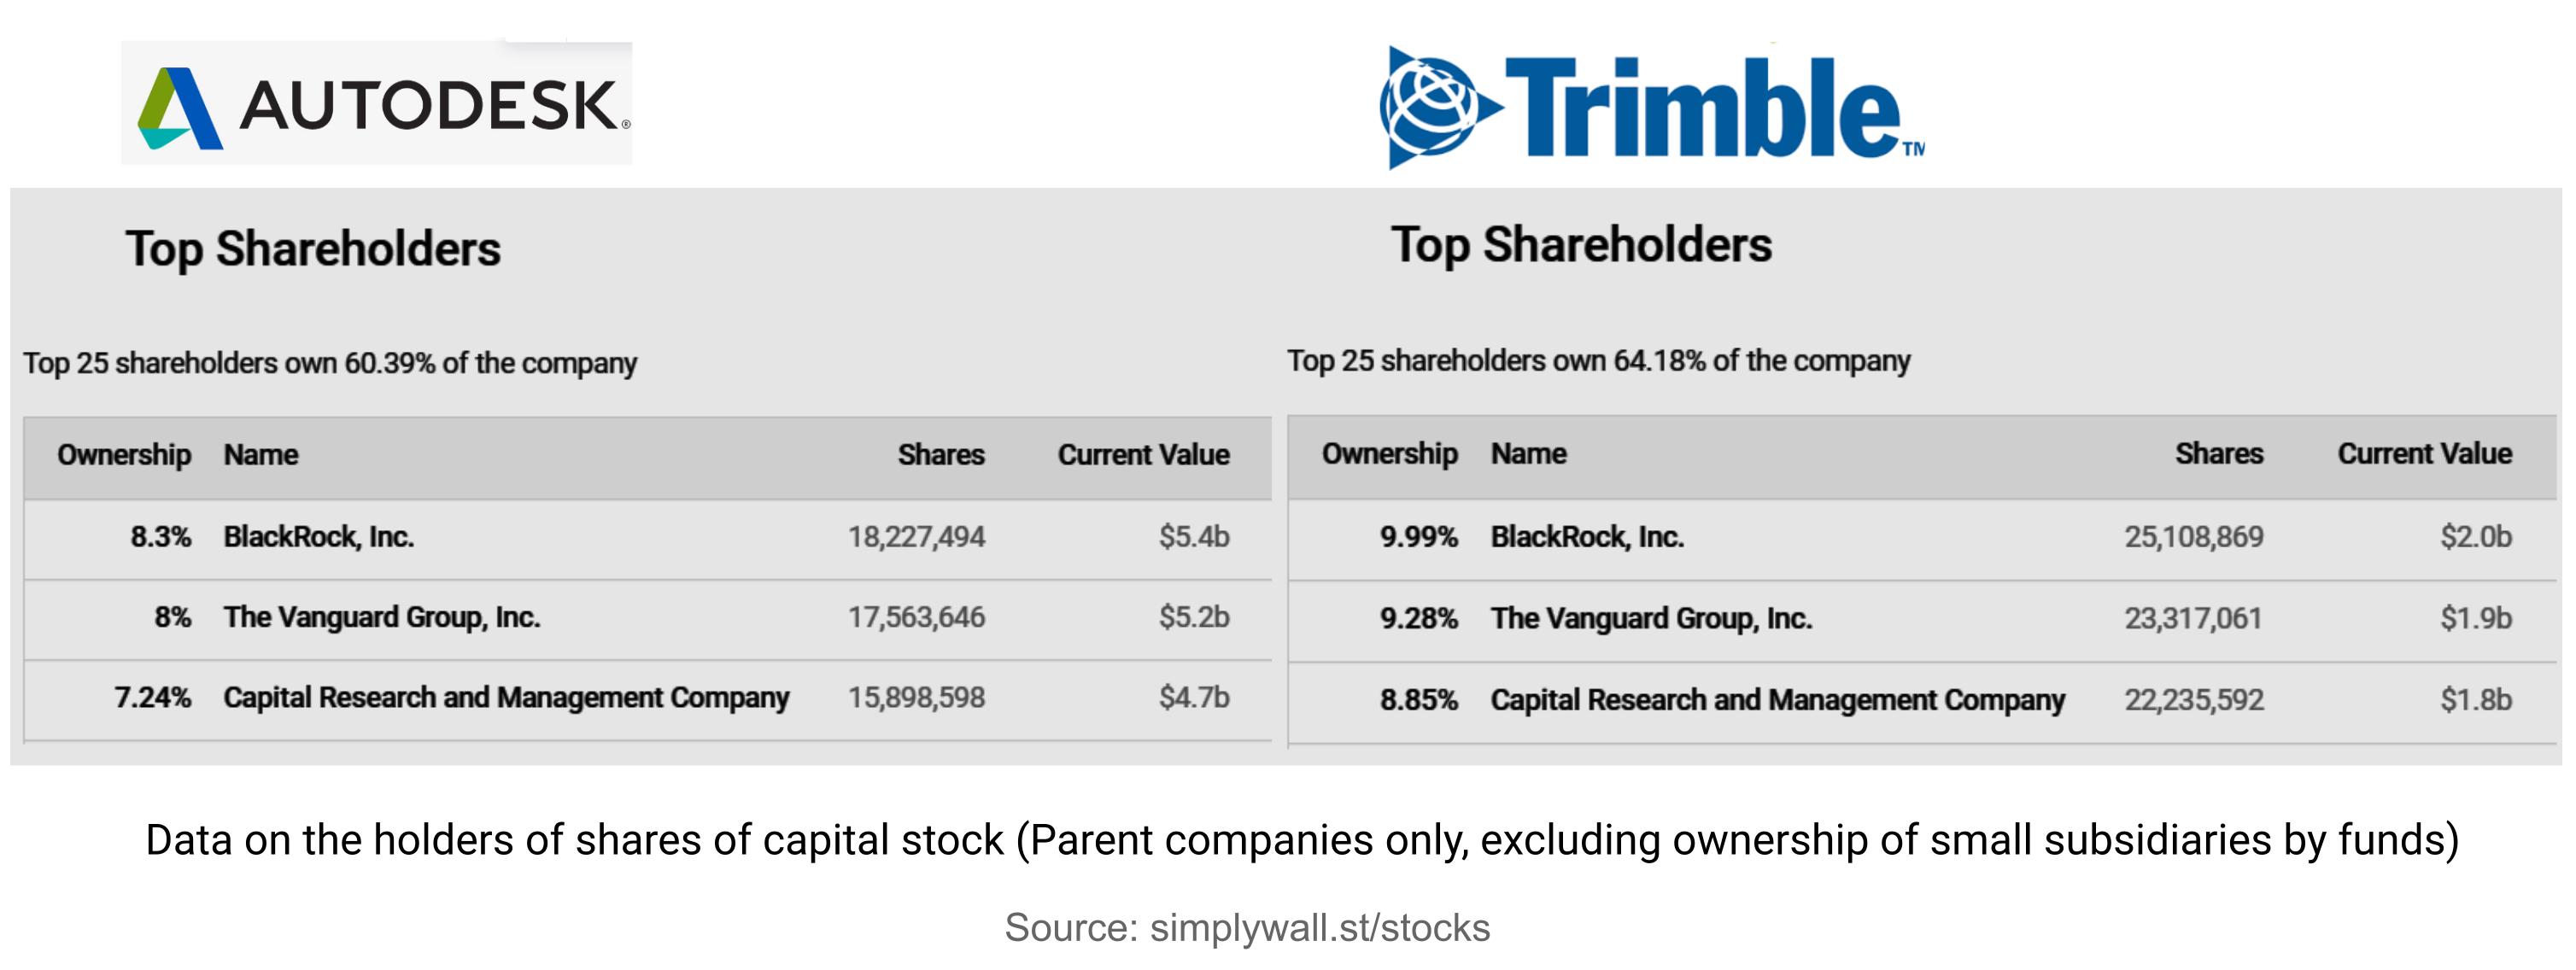 Данные о держателях долей в уставном капитале (только материнские компании, за исключением владения фондами небольших дочерних компаний)